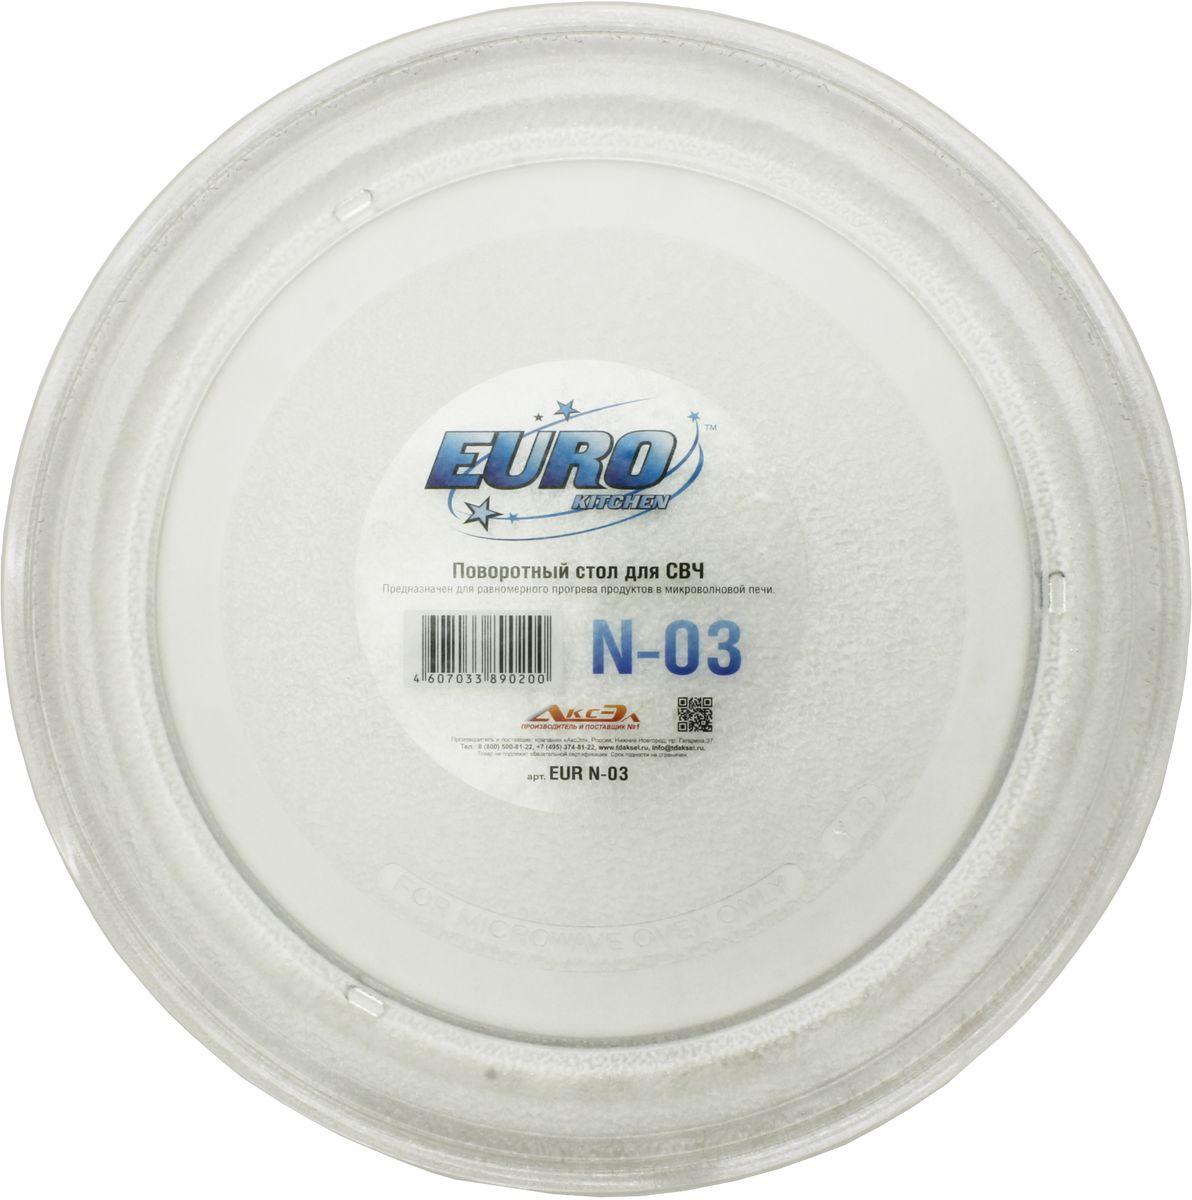 Euro Kitchen N-03 тарелка для СВЧN-03Универсальная тарелка N-03 для микроволновой печи с крестовиной. Диаметр тарелки 260 мм. Изготовлена из специального жаропрочного стекла. Предназначена для равномерного разогрева продуктов в микроволновой печи